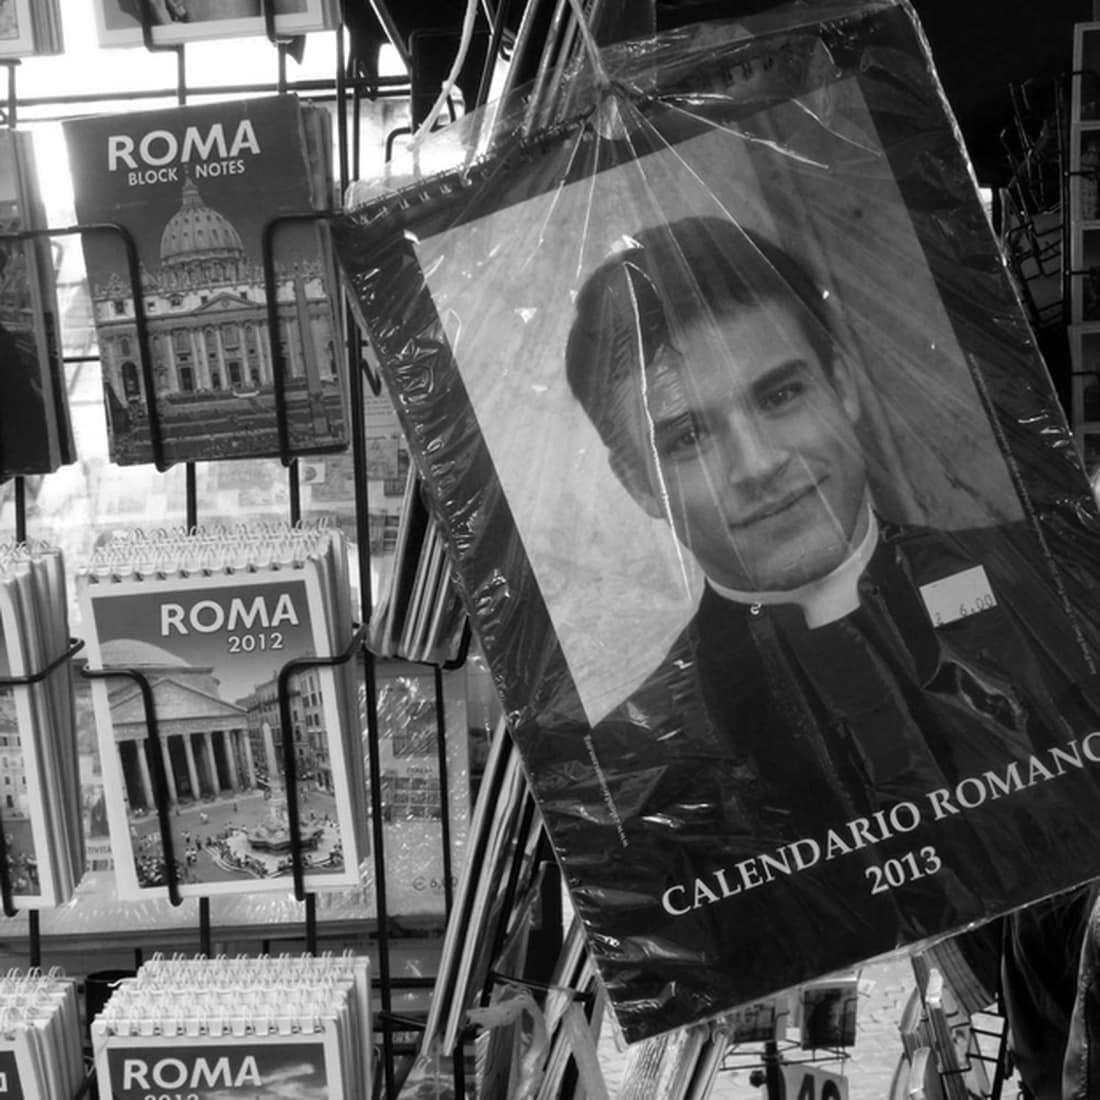 Католический календарь сексуальных священников